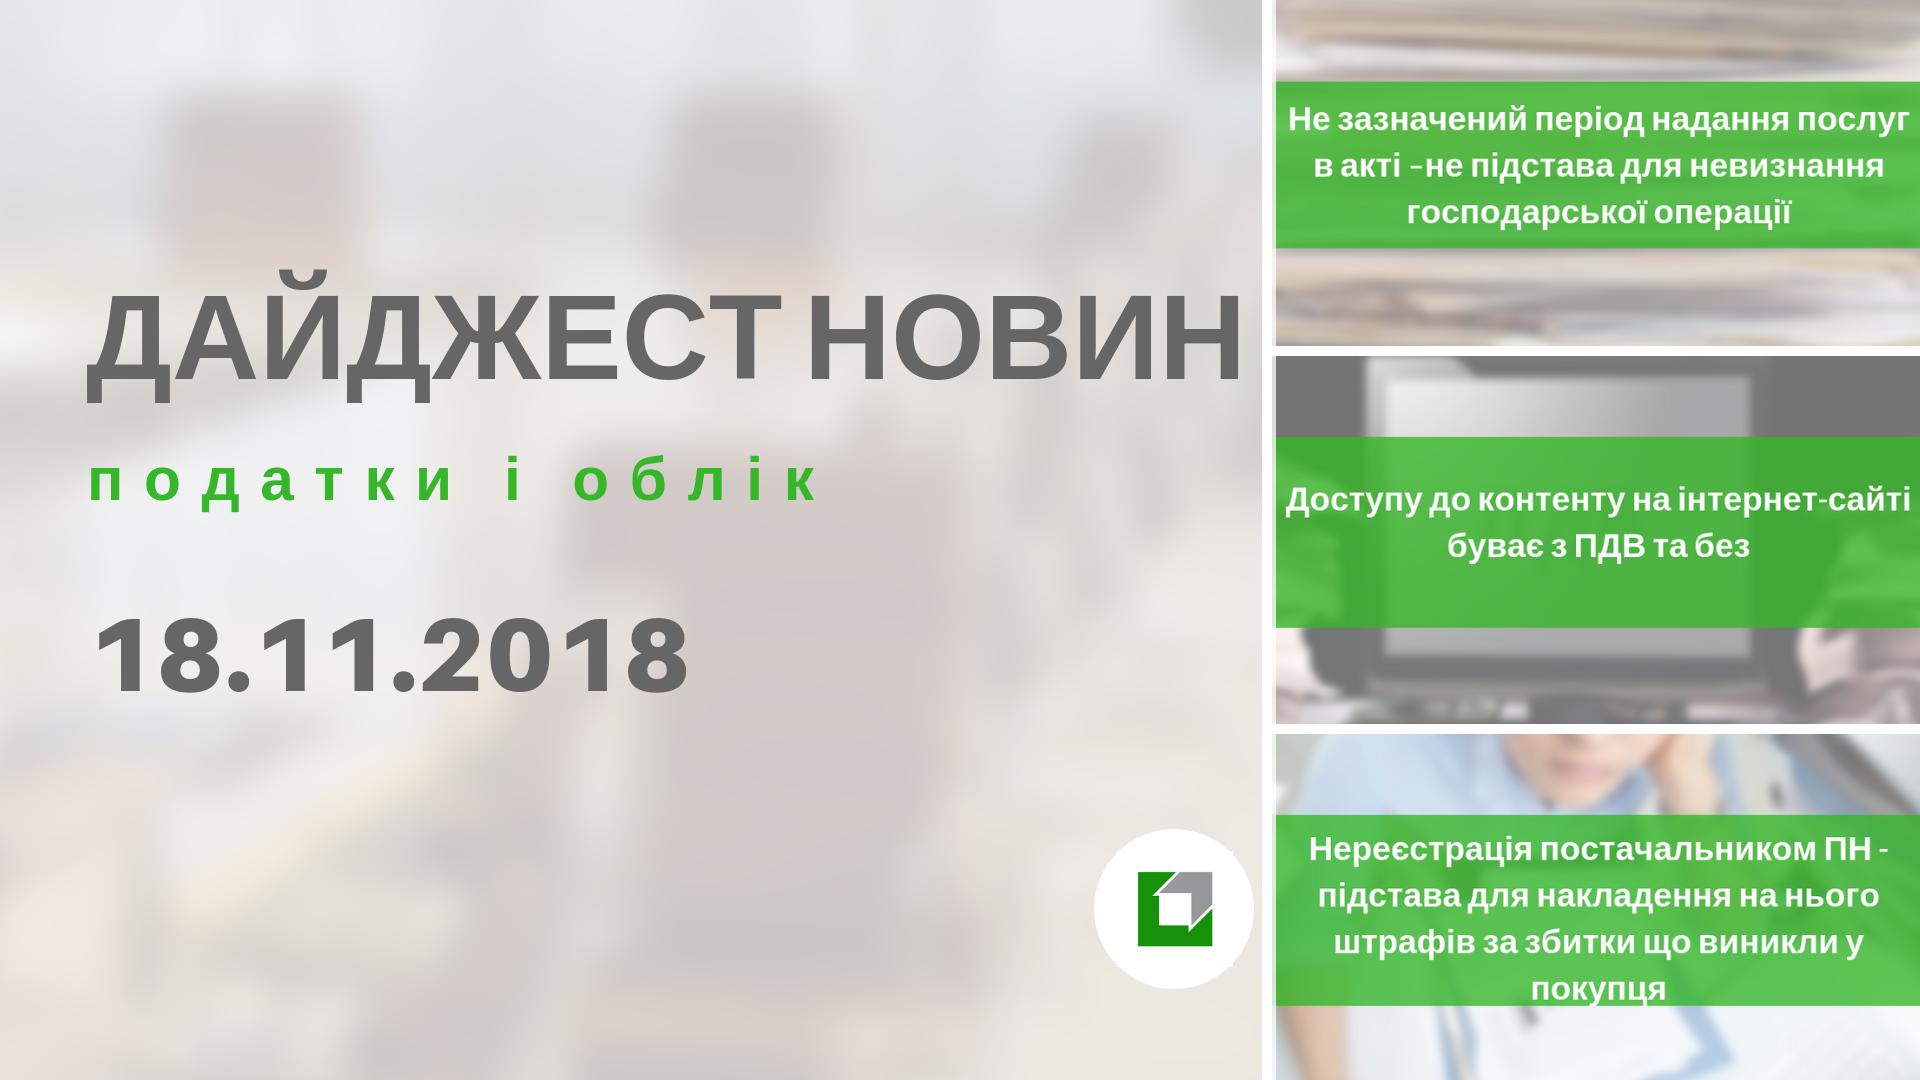 """Дайджест нoвин """"Податки і облік"""" з 12.11.2018 пo 18.11.2018"""